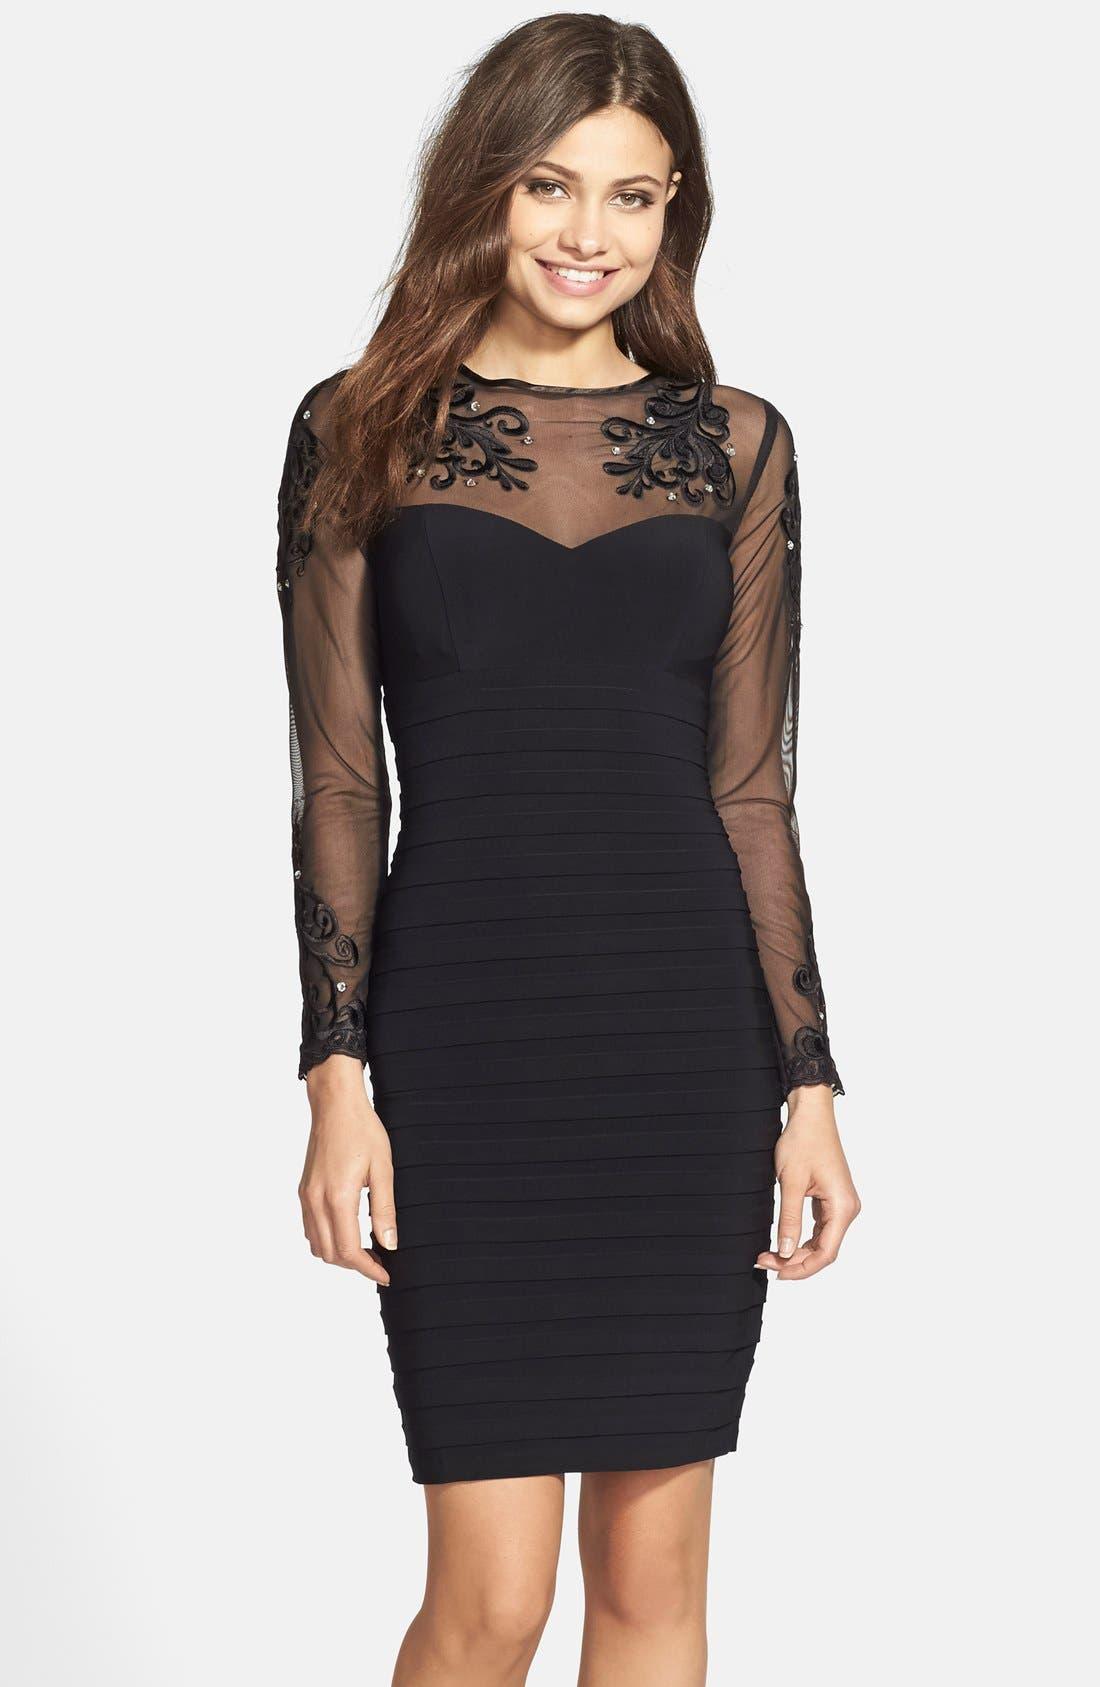 Alternate Image 1 Selected - Xscape Embellished Stretch Sheath Dress